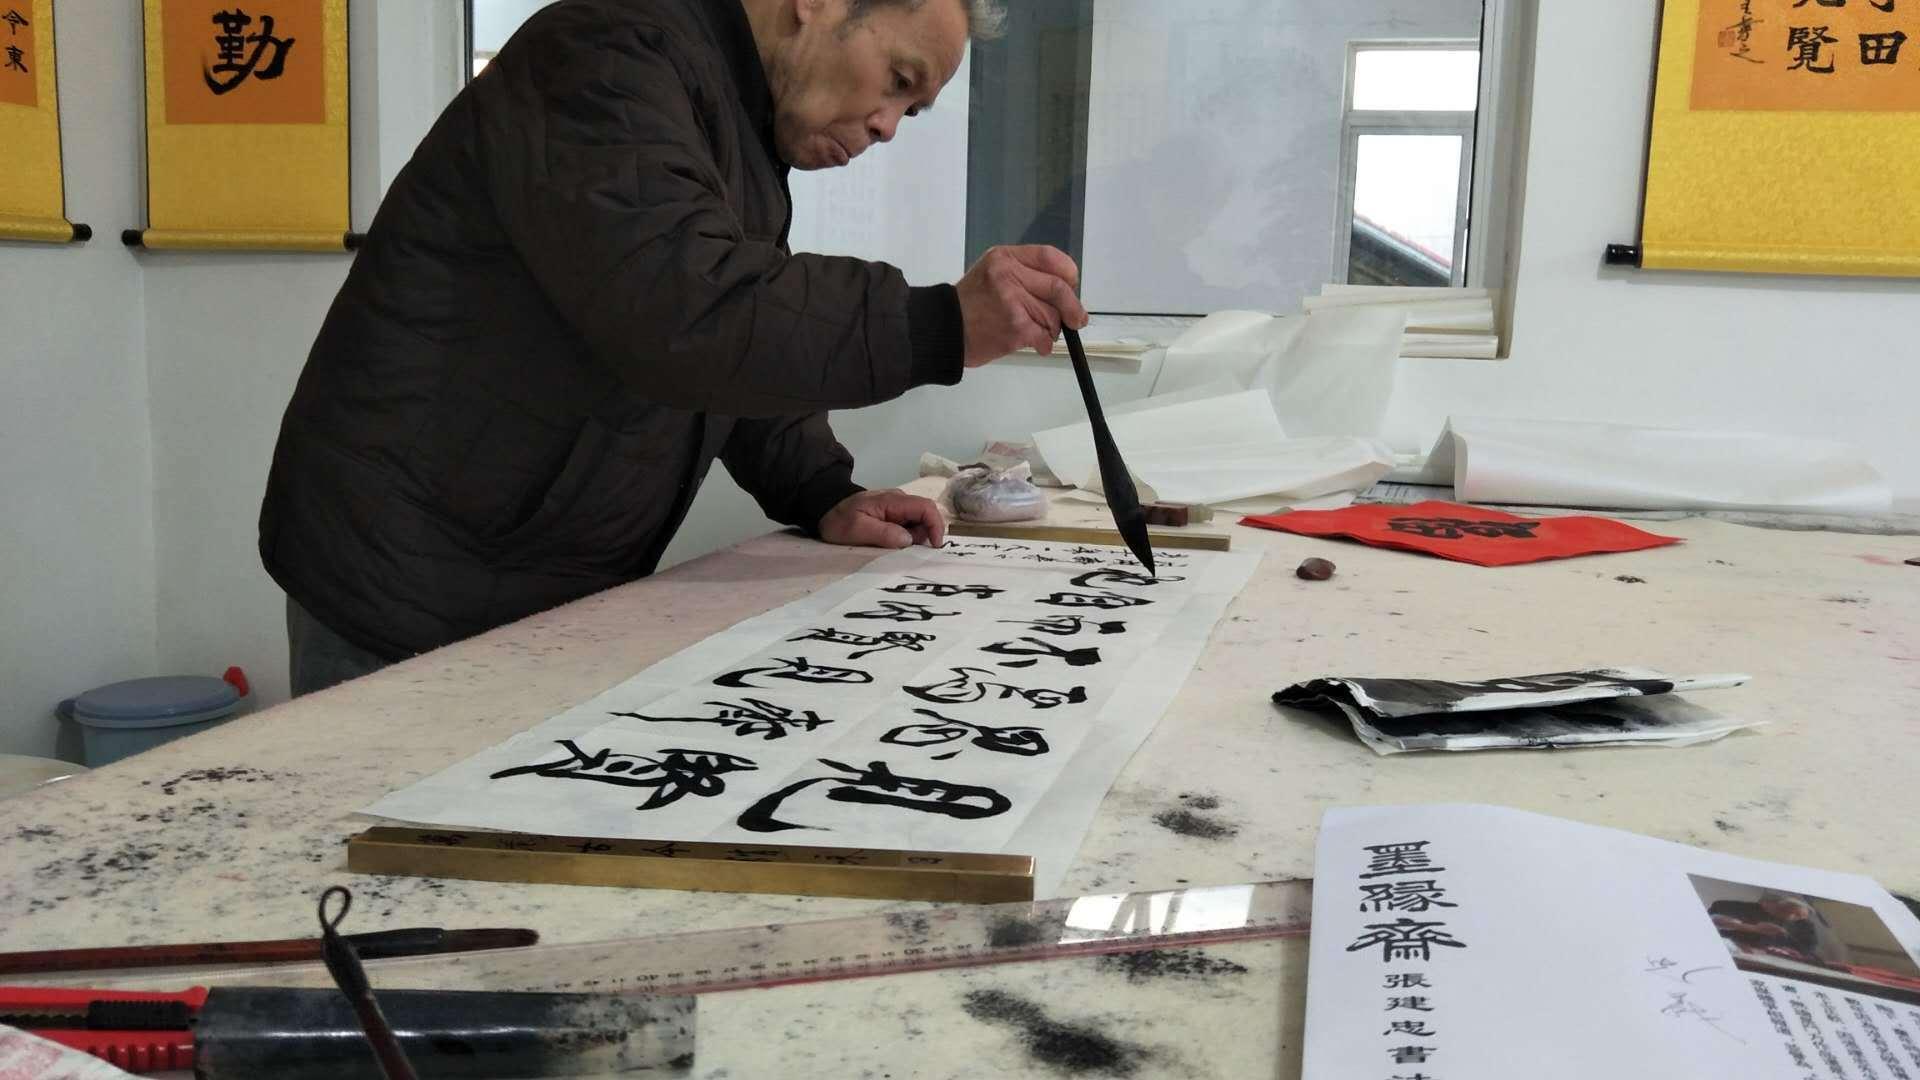 墨缘斋主张建忠书法、绘画双馨 作品深受大